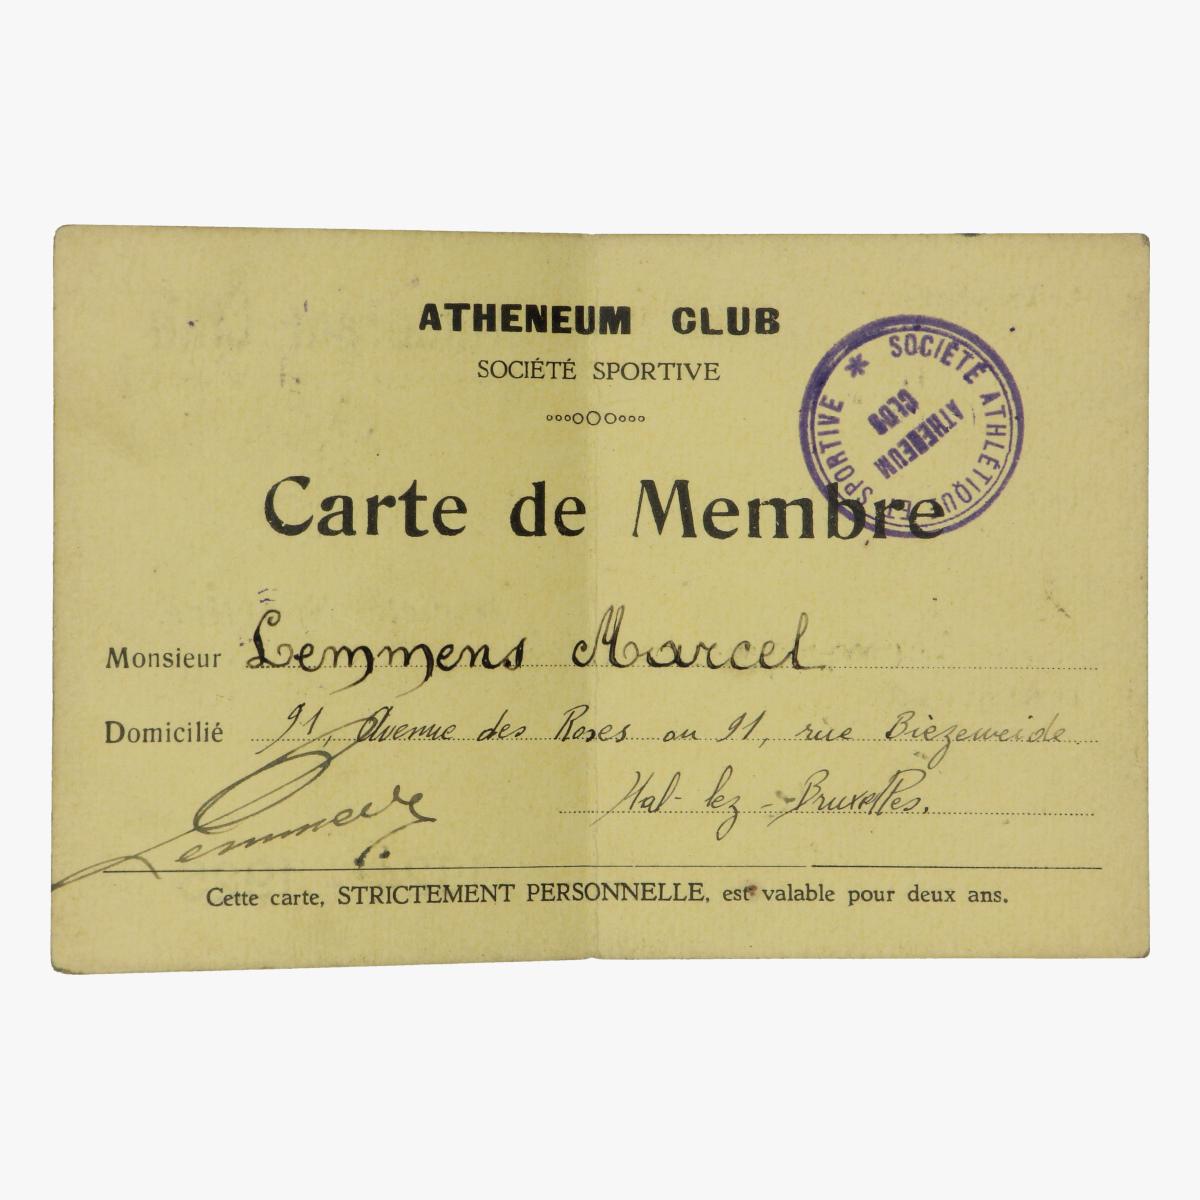 Afbeeldingen van lidmaatschap atheneum club 1924-1925